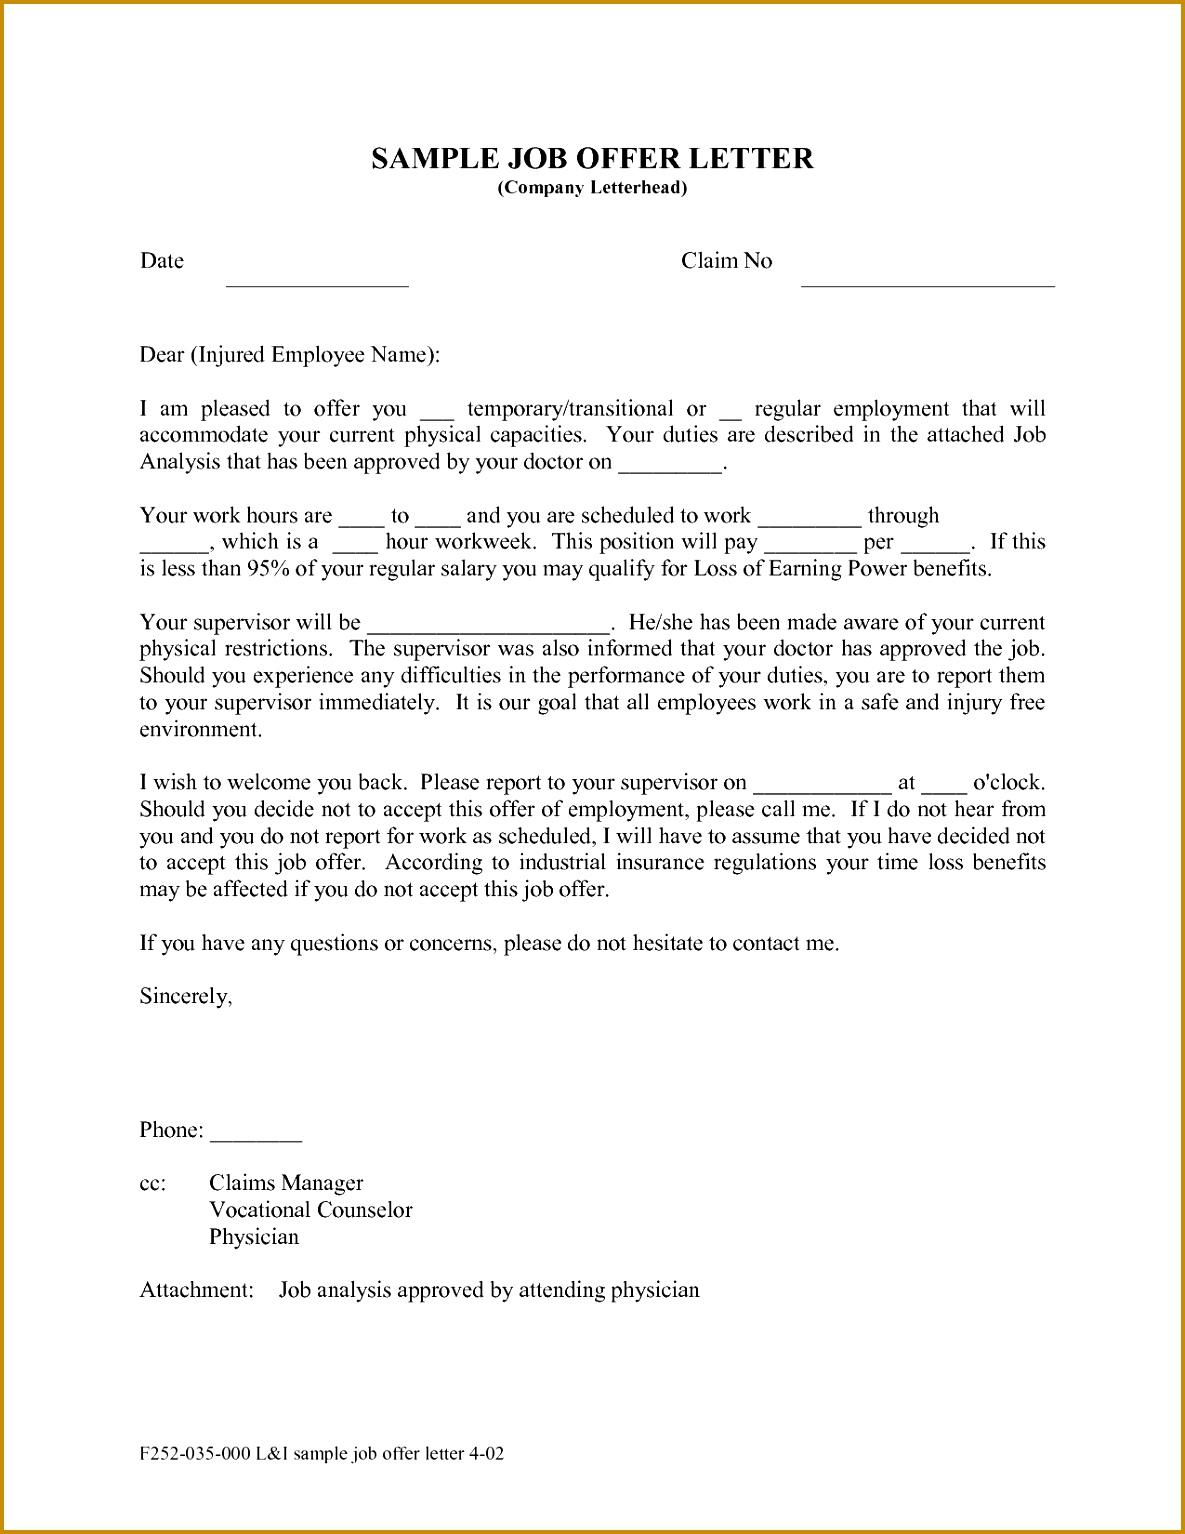 Employment fer Letter Template Best Business 11851534